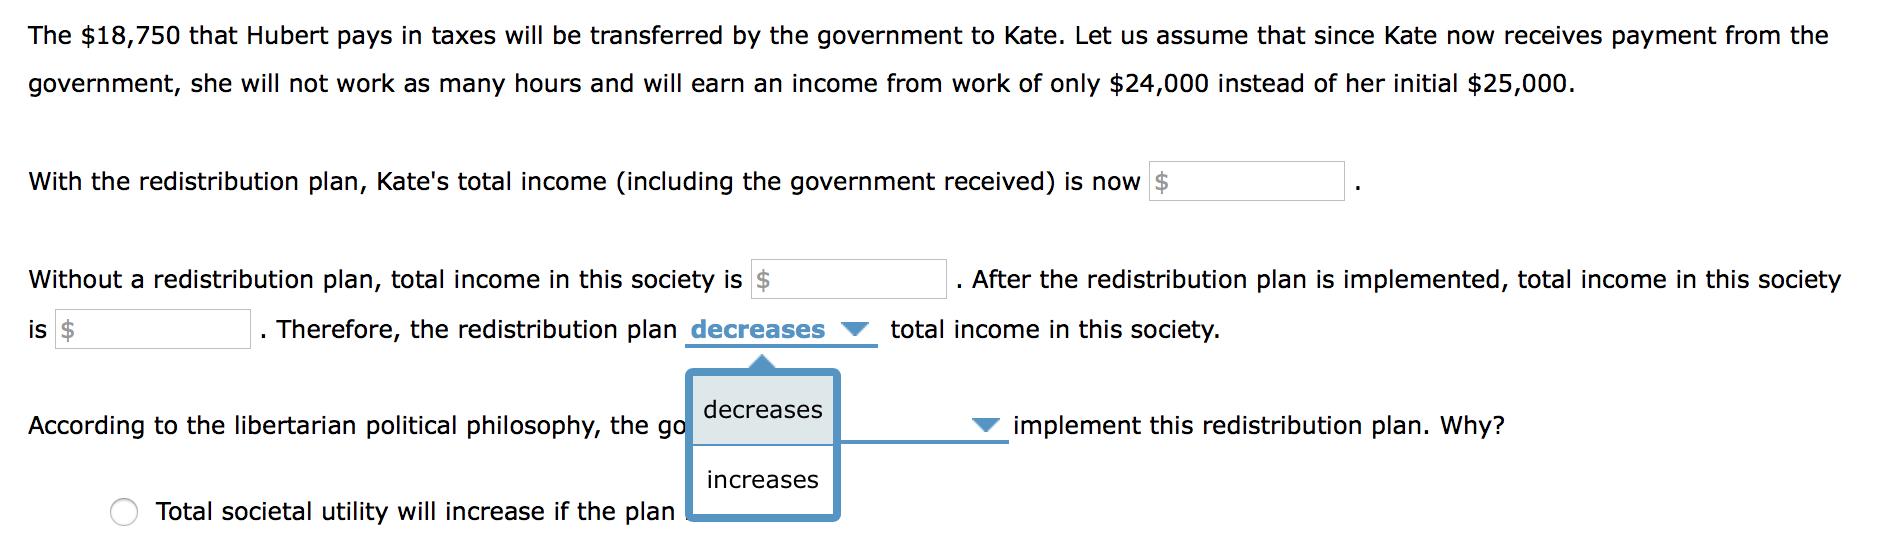 economics archive com 1 answer